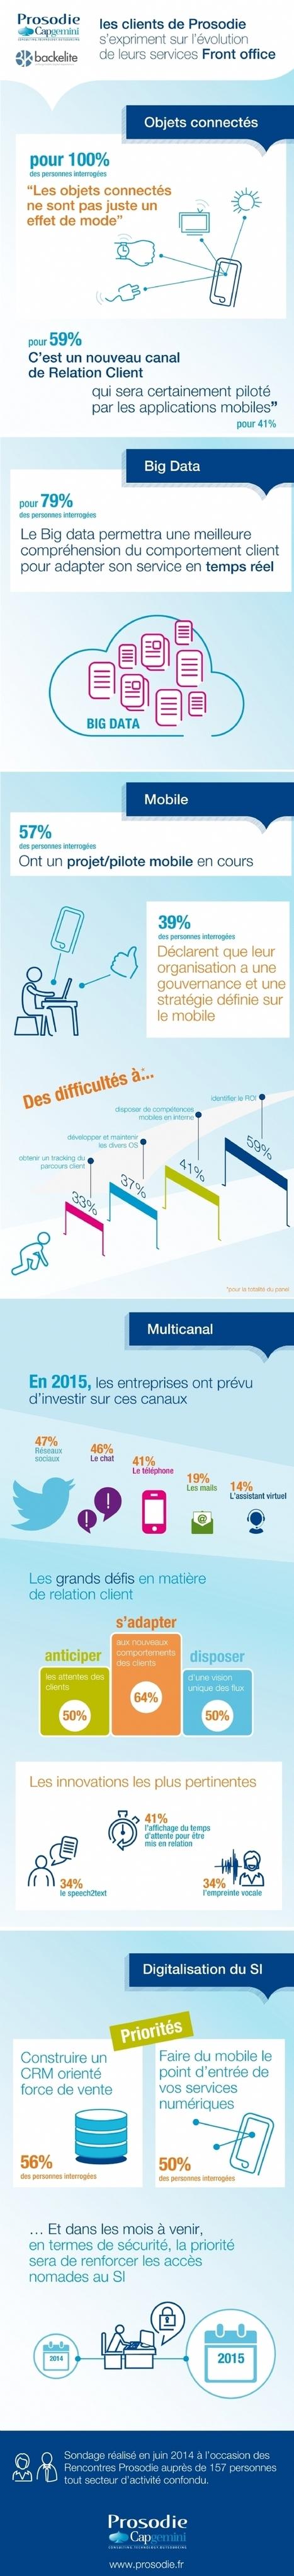 La moitié des entreprises compte investir dans les réseaux sociaux | NTIC - Médias Sociaux - Web 2.0 | Scoop.it